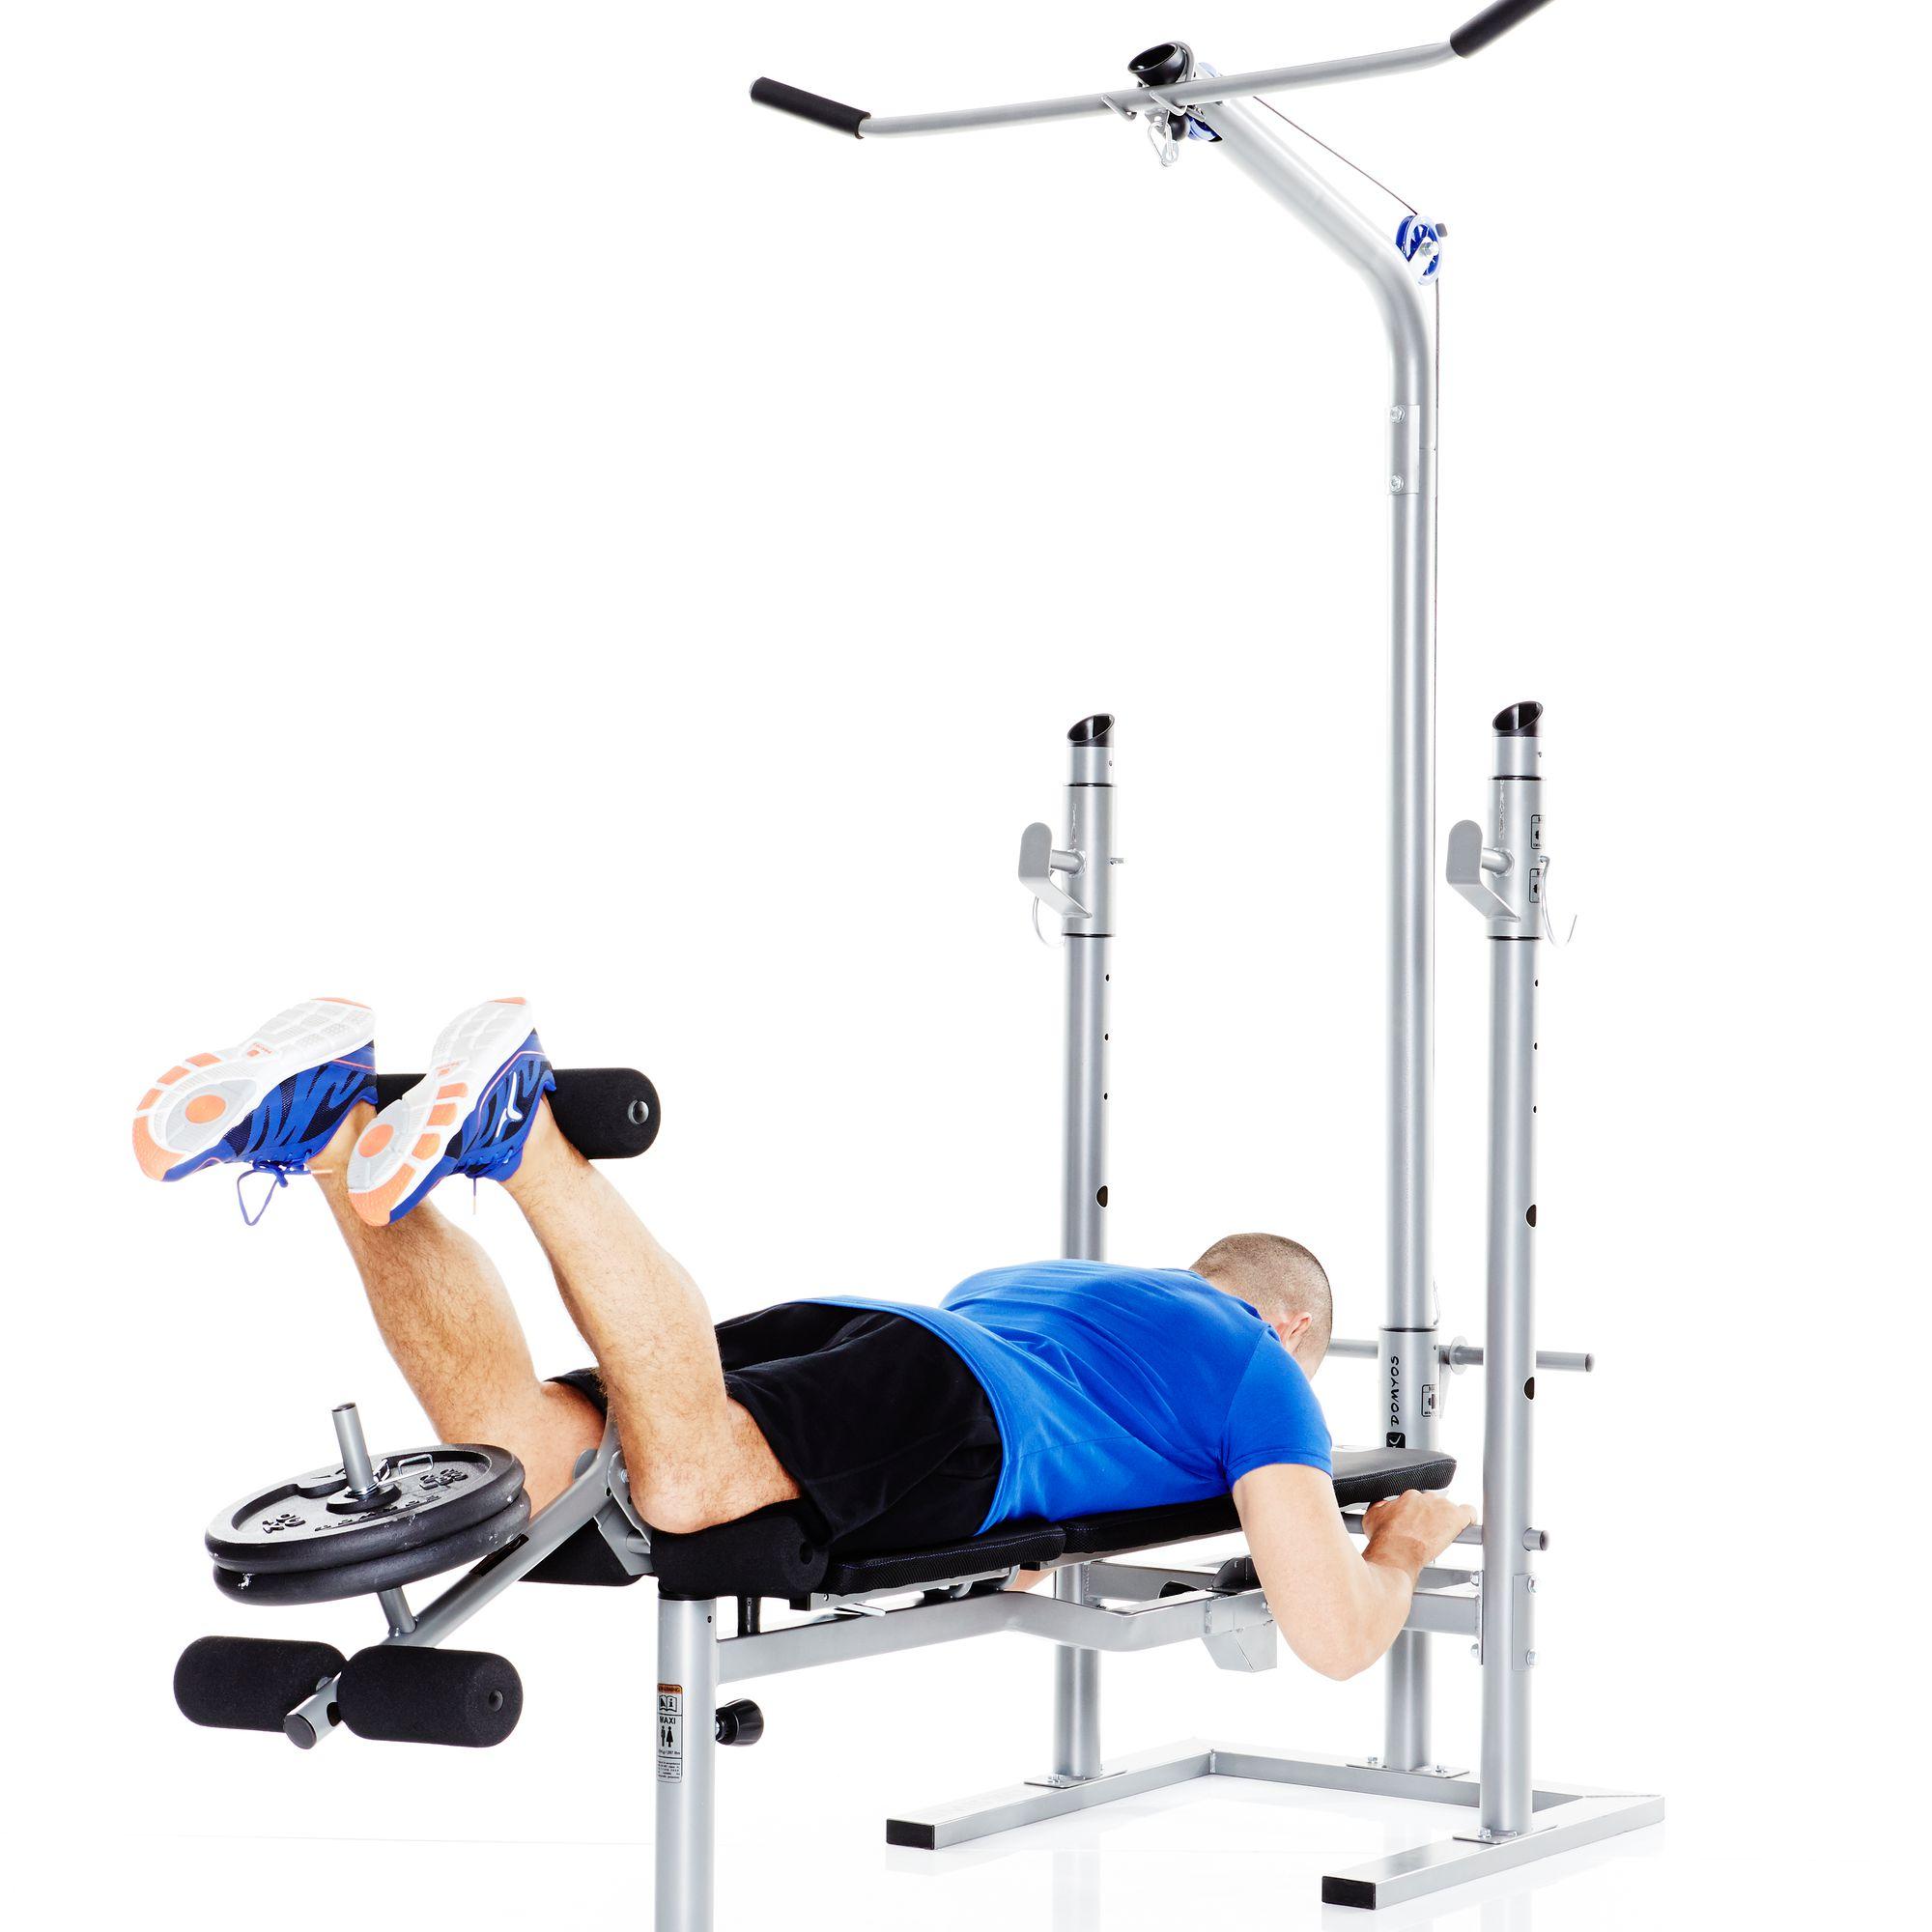 Banc De Musculation Avec Poulie Decathlon